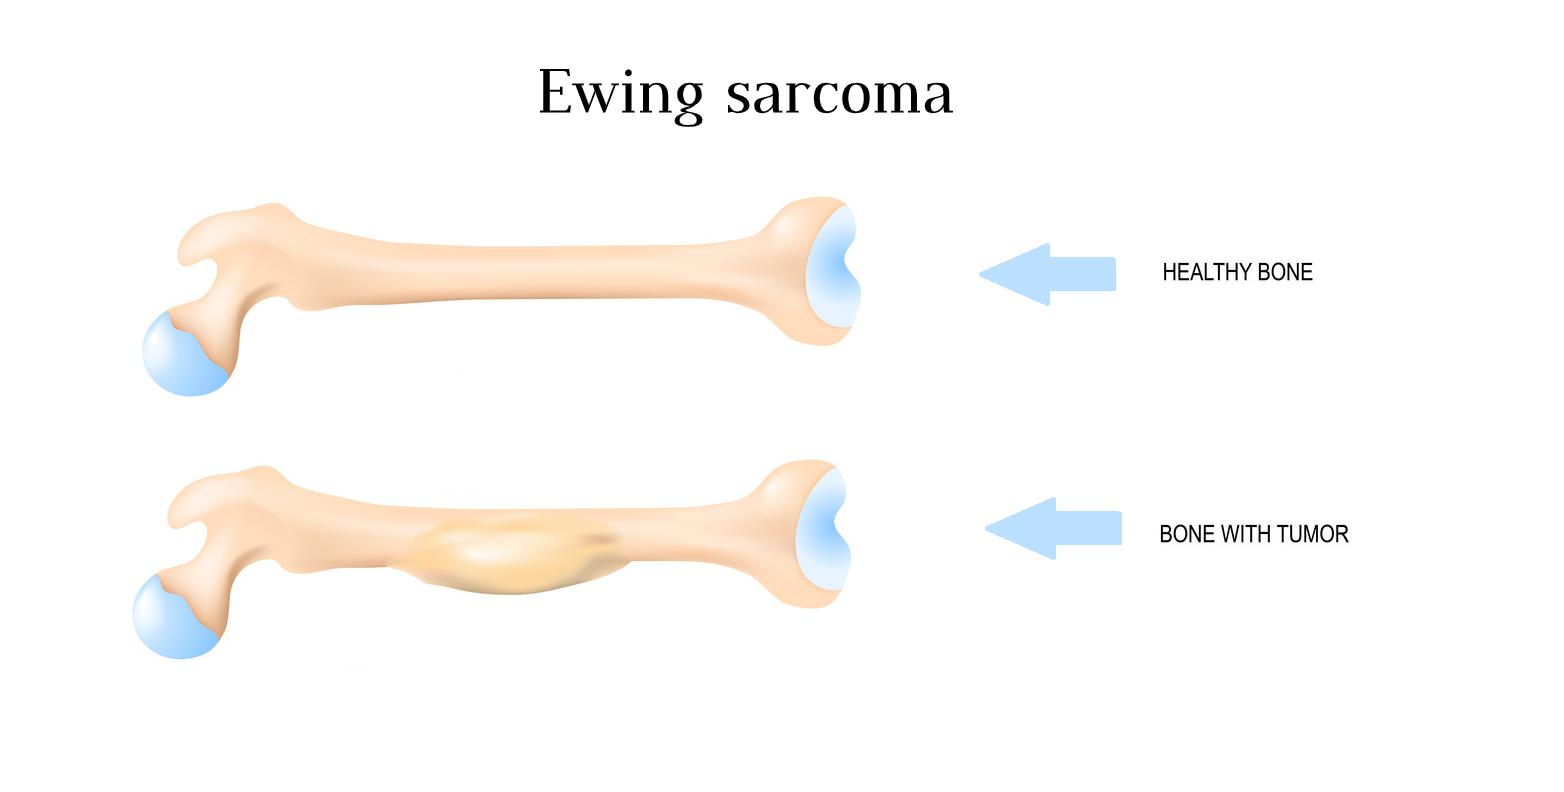 Ewing's Sarcoma